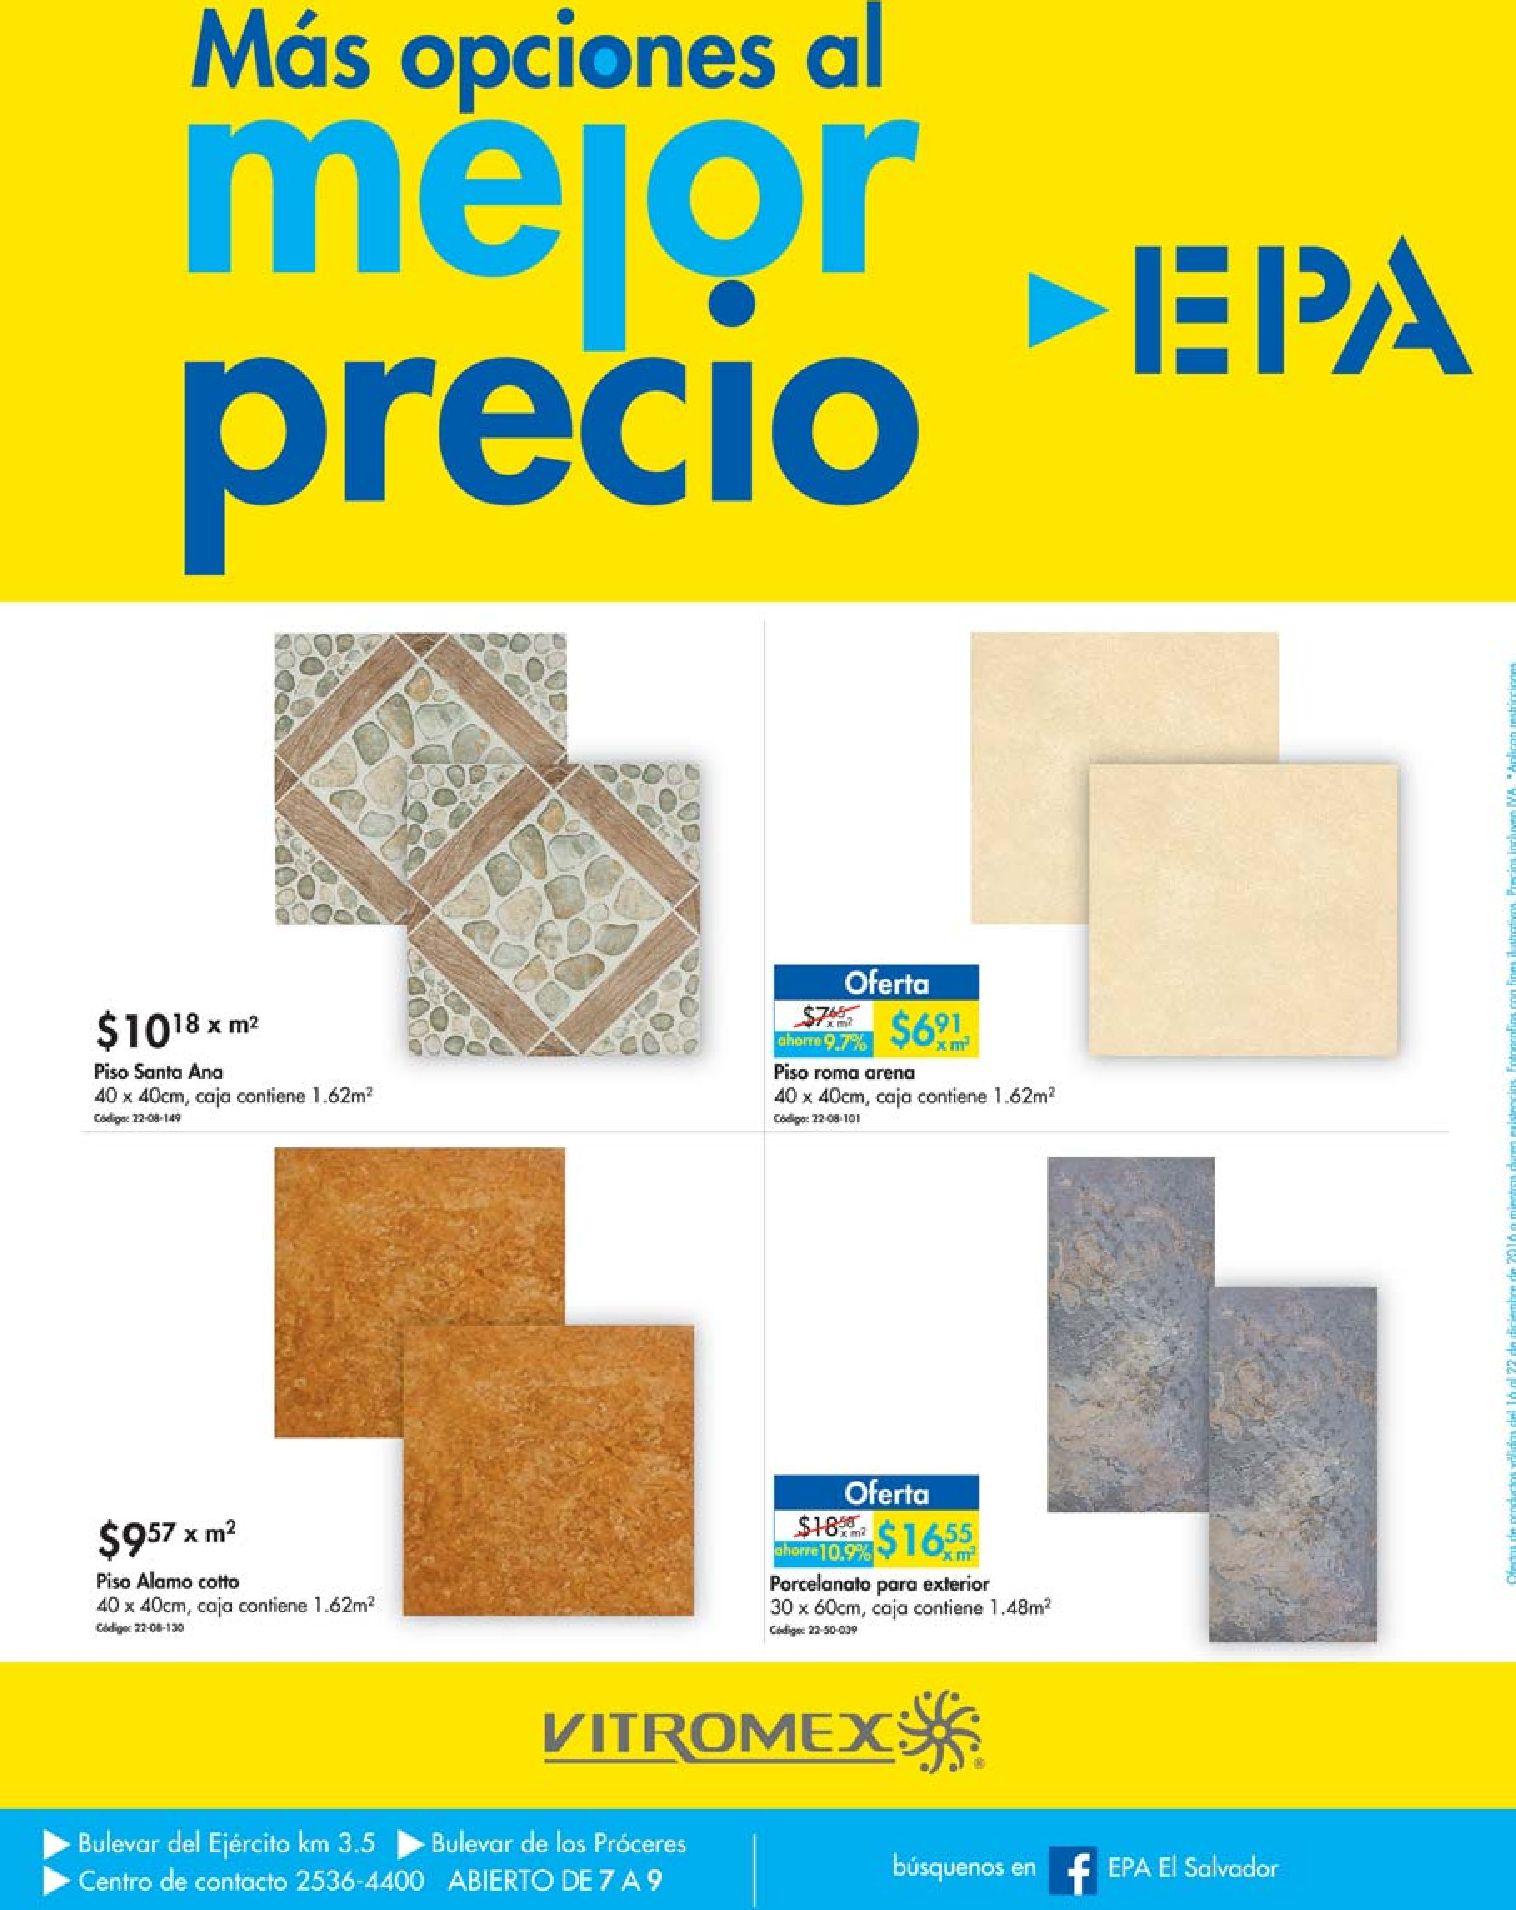 pisos-ceramicos-en-epa-de-la-marca-vitromex